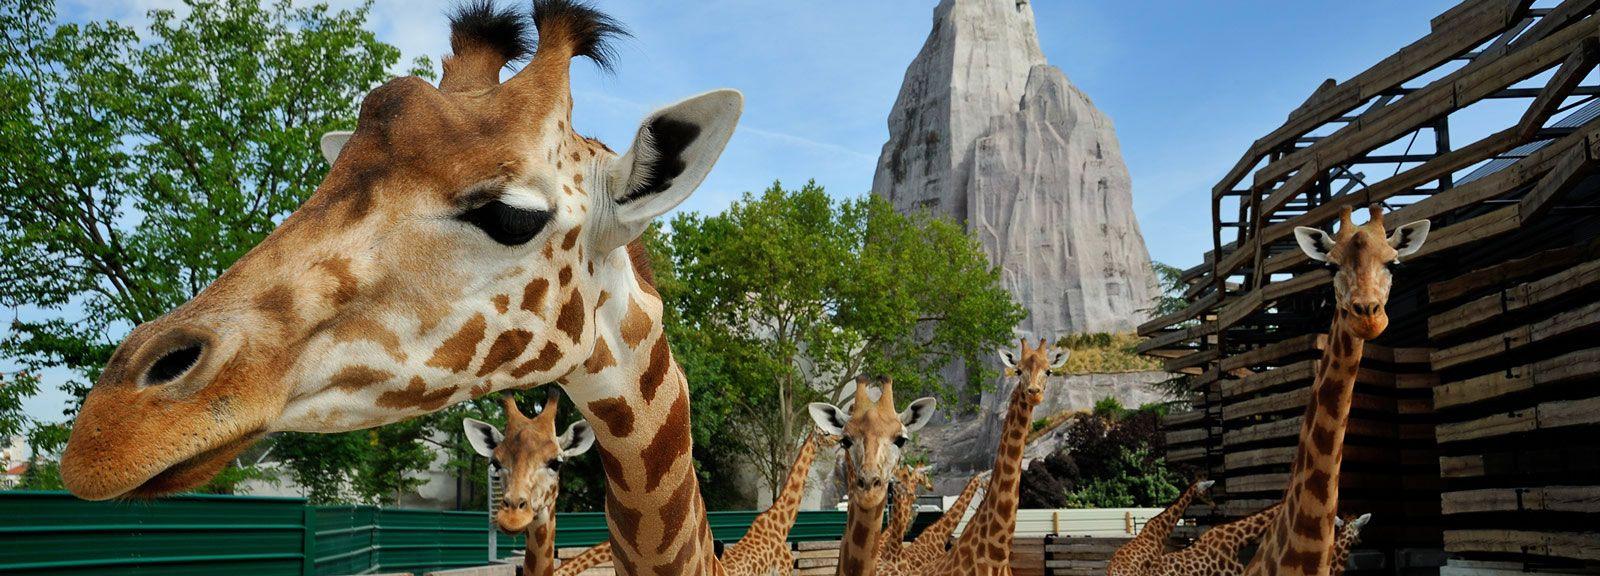 Girafes de l'Ouest du zoo © F-G Grandin